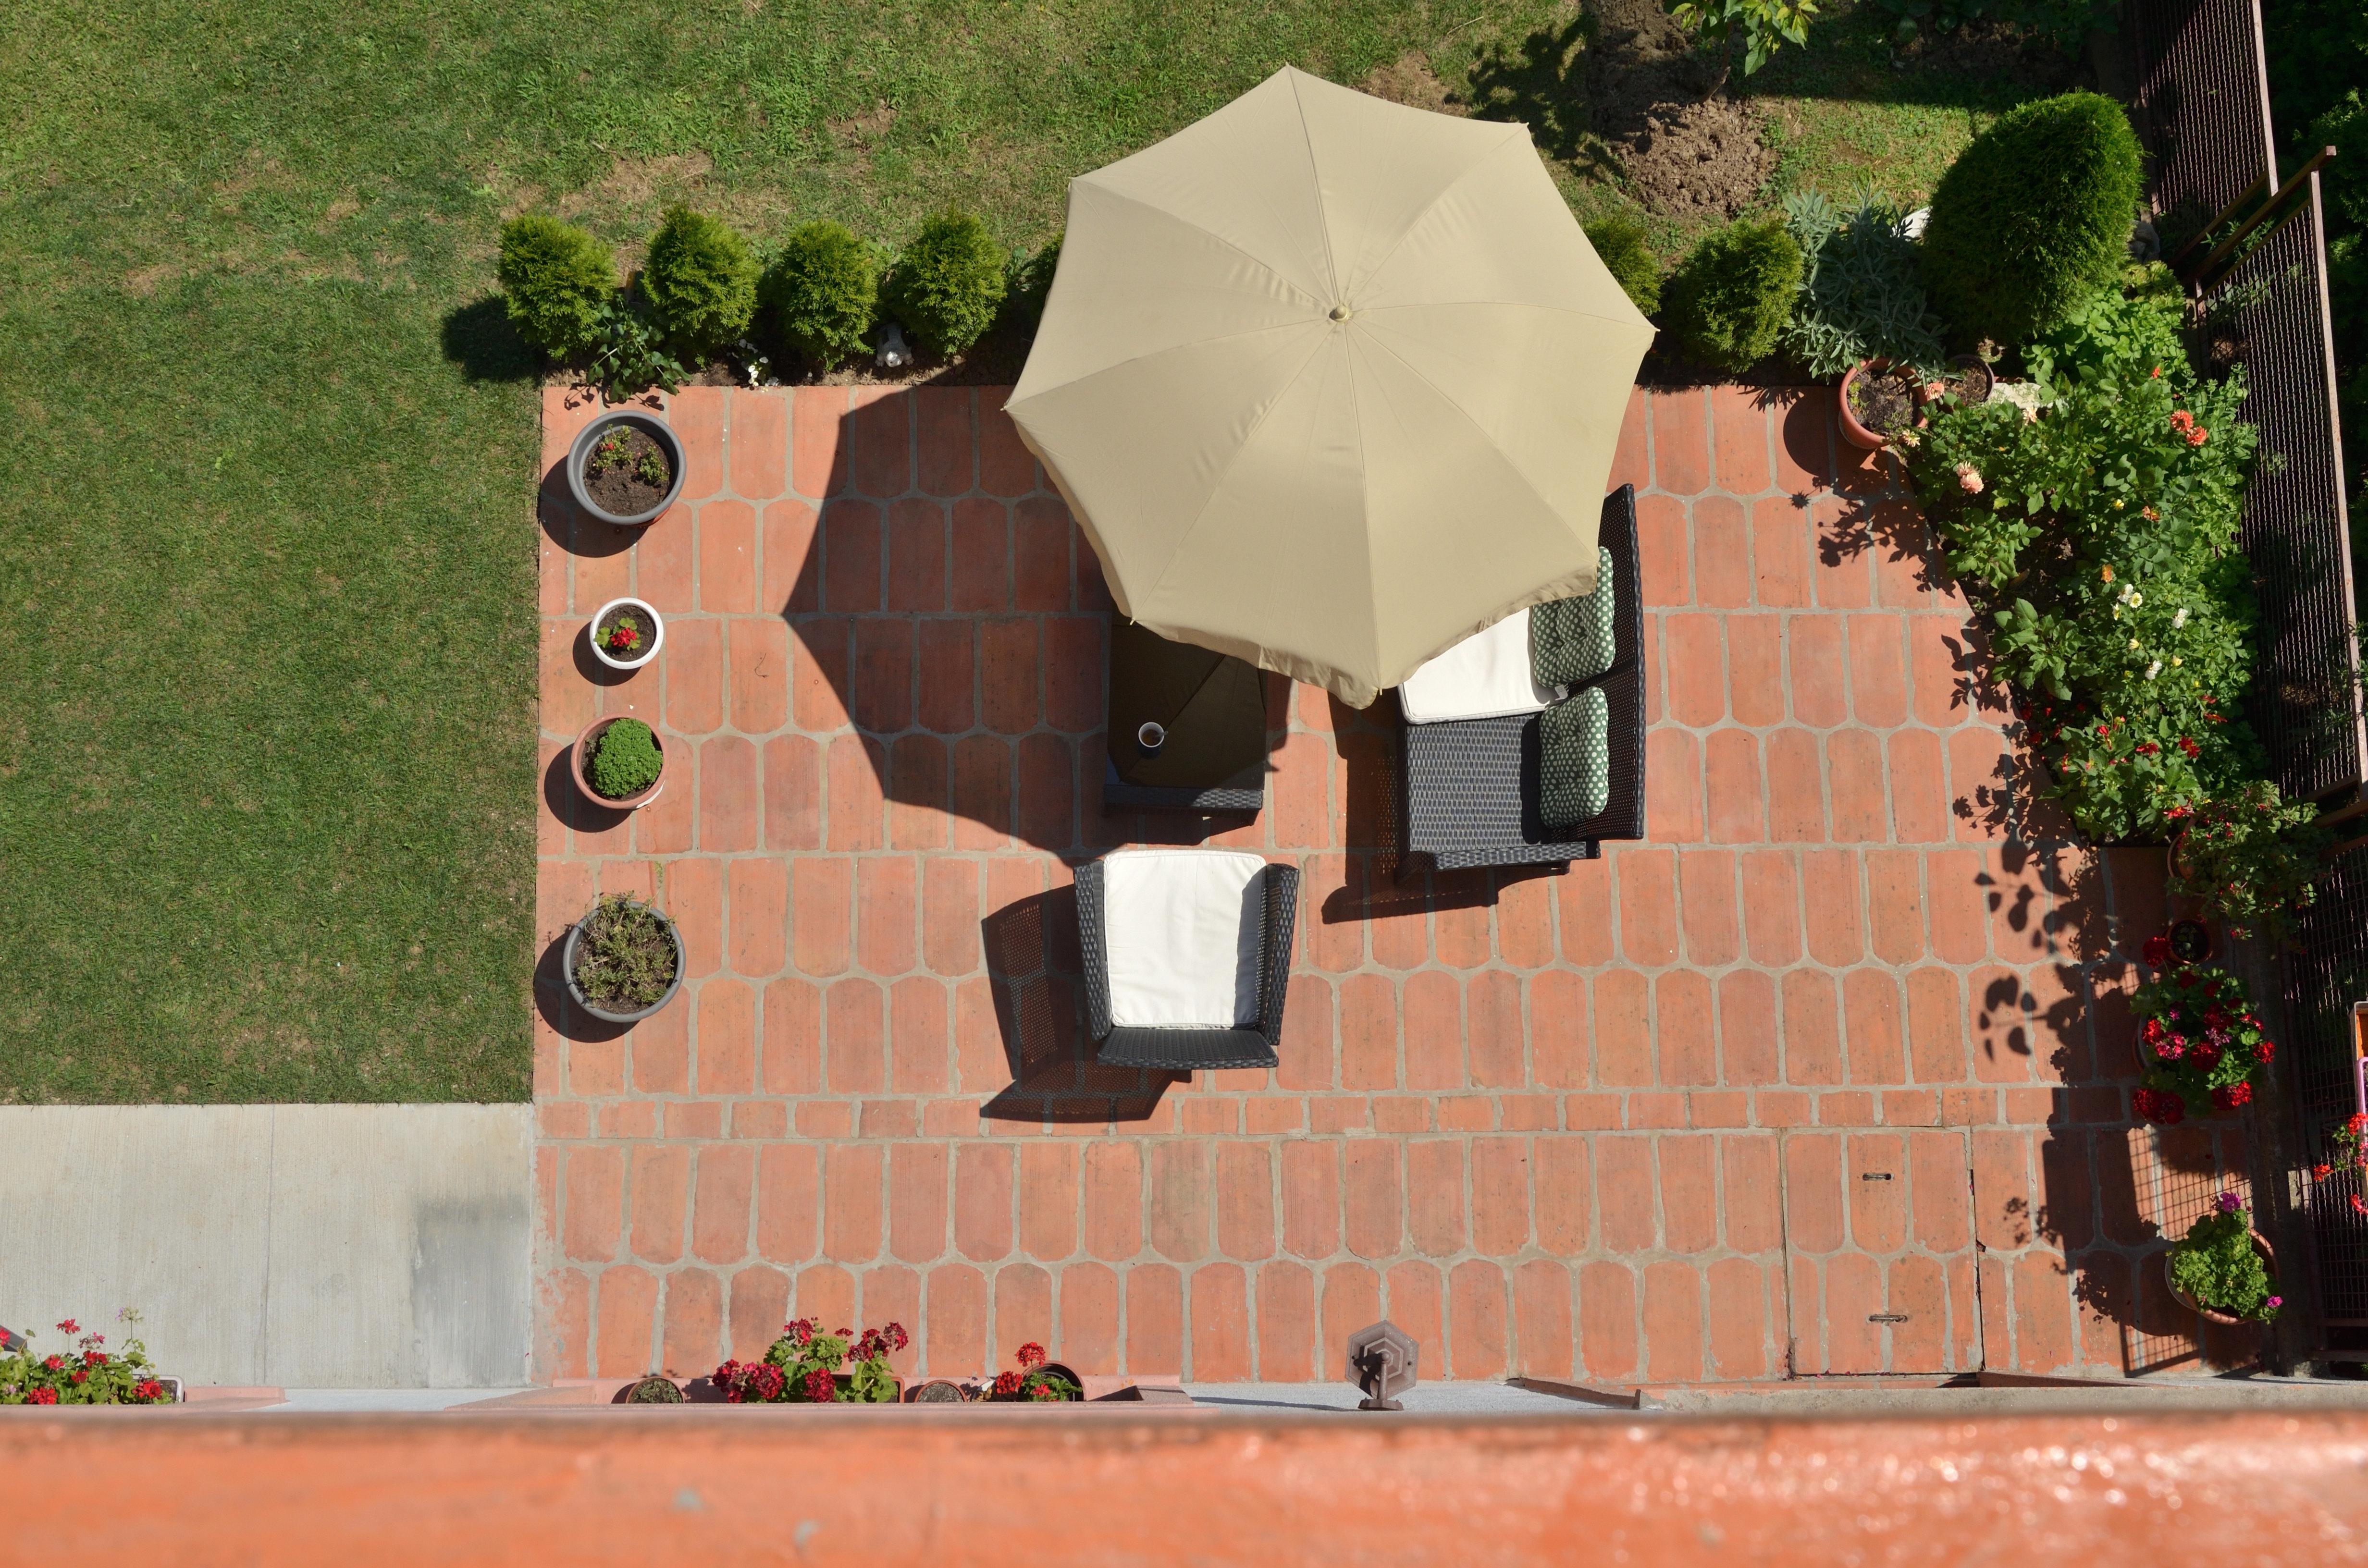 Ehepaar sitzt auf der Terrasse, als plötzlich etwas Ekliges vom Himmel fällt